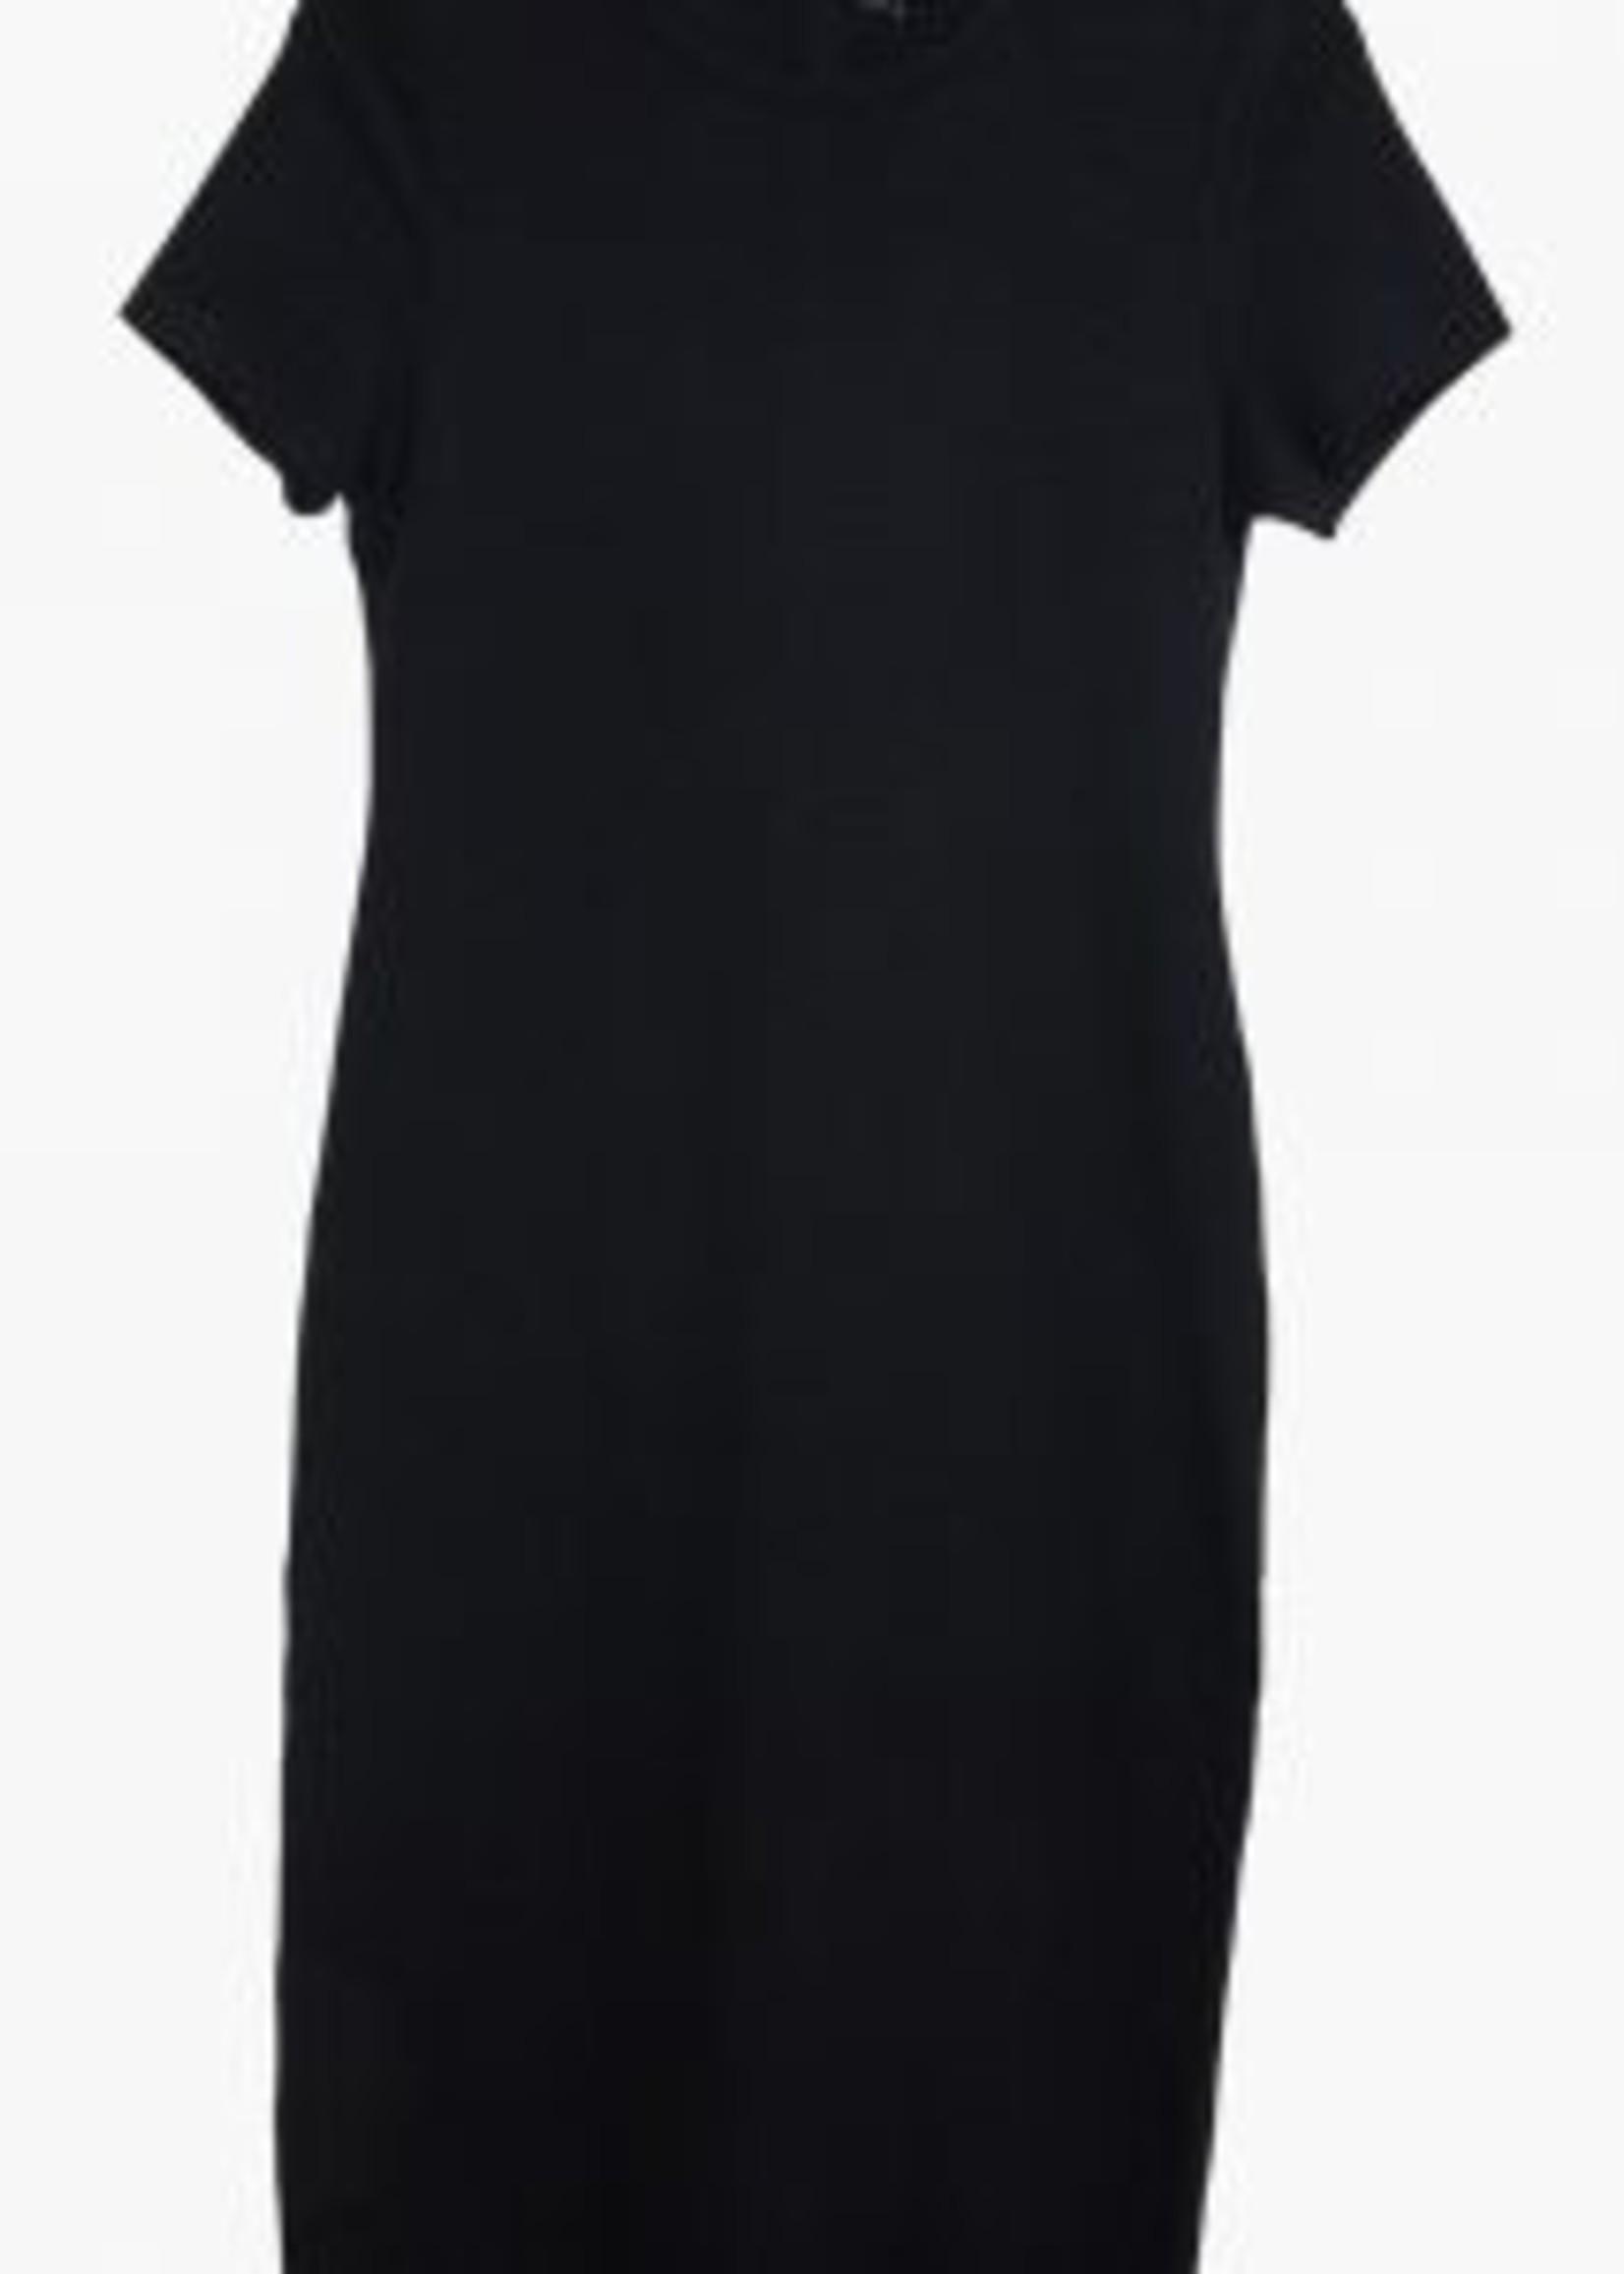 Elitaire Boutique Patti Midi Dress in Black